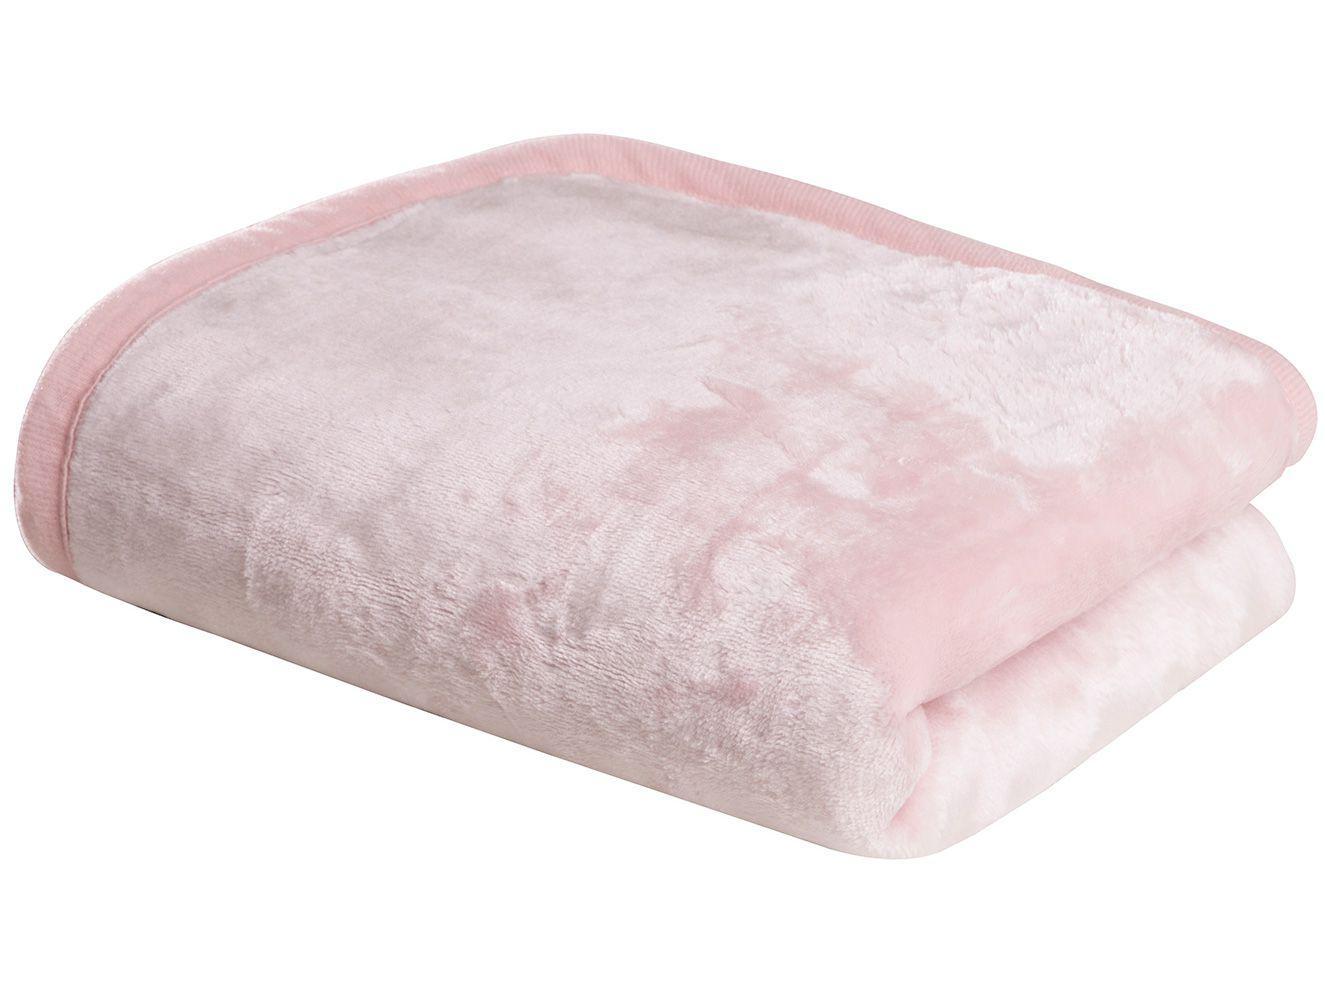 Cobertor para Bebê Sultan 100% Poliéster - Happy Day Flannel Rosa